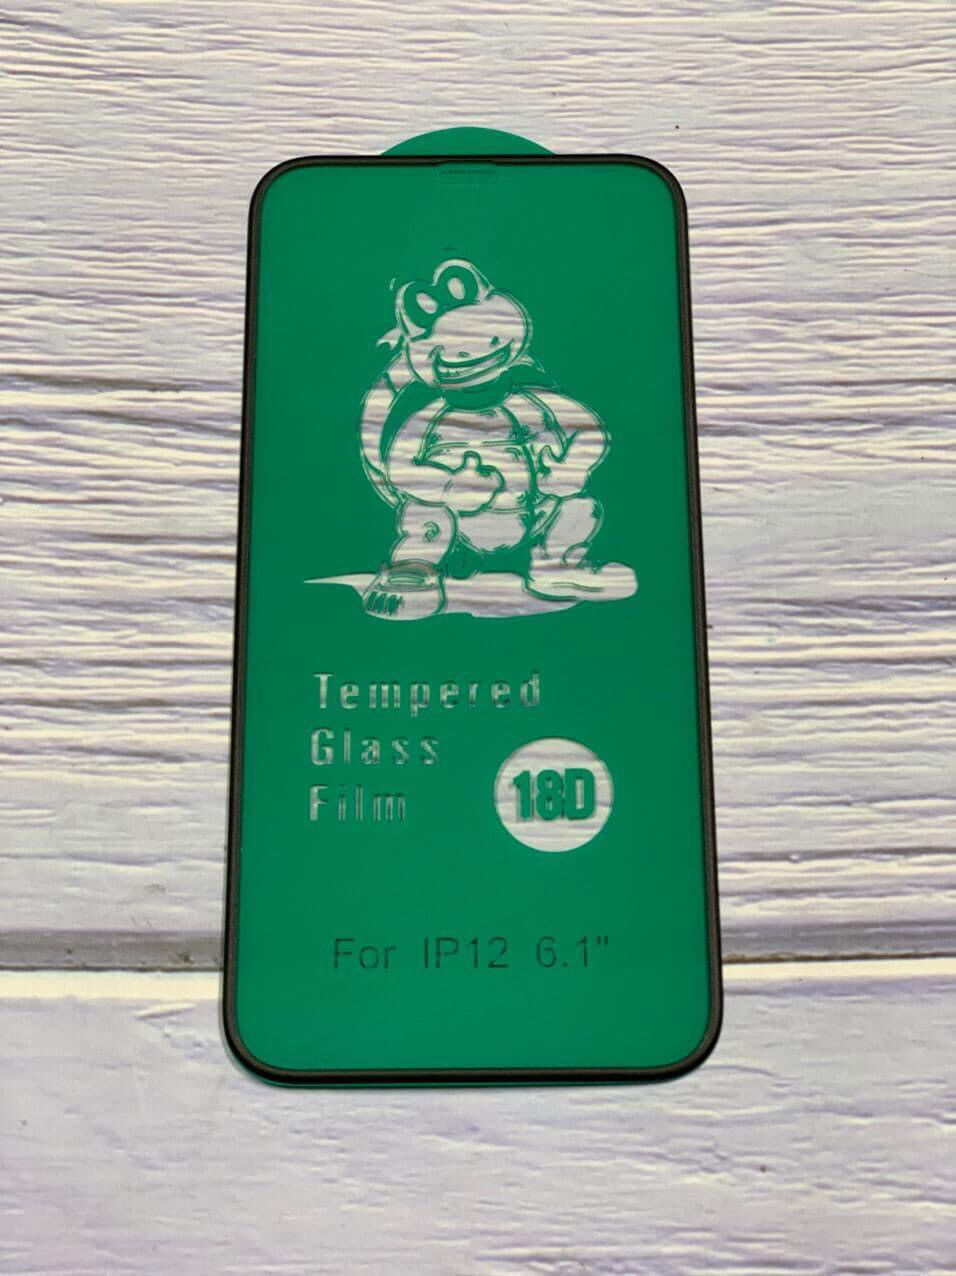 Cтекло 18D для iPhone 12 Pro Max , black